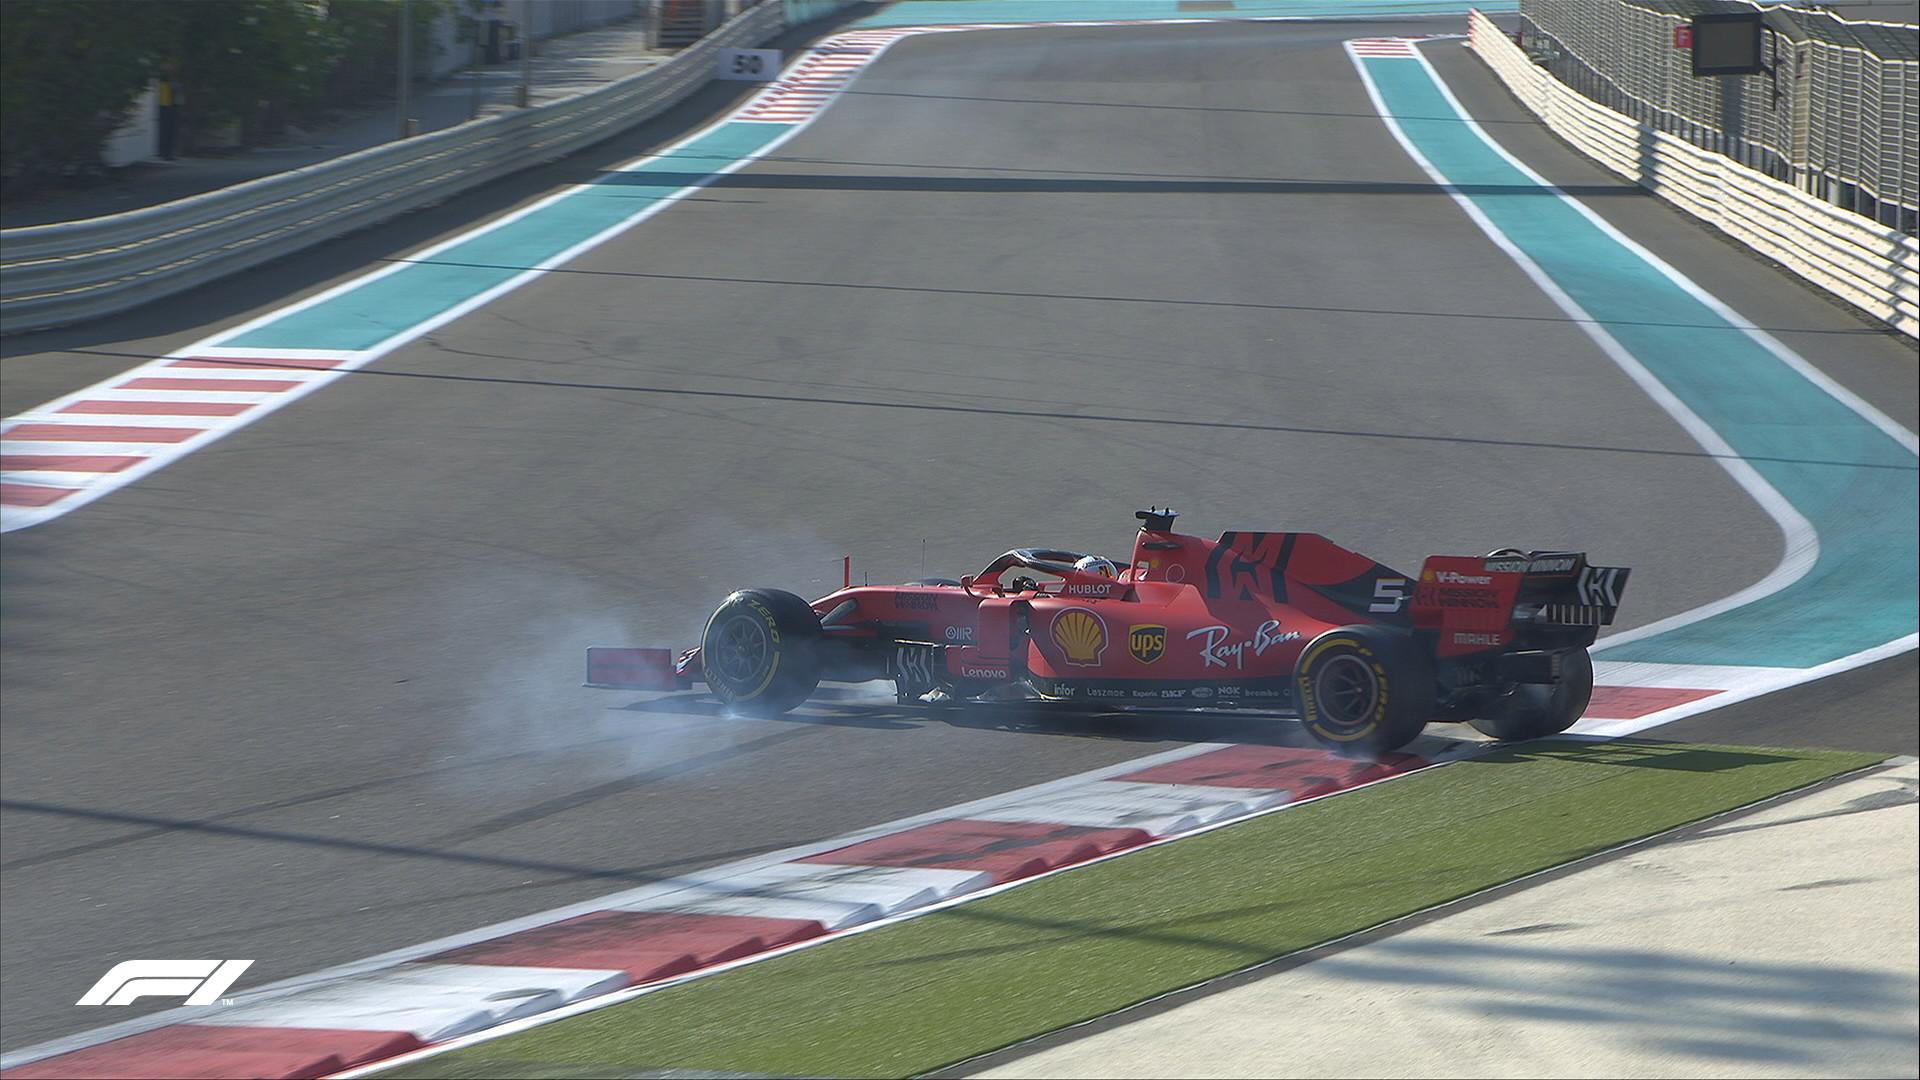 Il tedesco della Ferrari ha perso la sua SF90 alla curva 19, mentre stava spingendo per il suo ultimo giro lanciato a pochi minuti dalla bandiera a scacchi. Posteriore sinistra distrutta, ma nessun'altra conseguenza apparente.